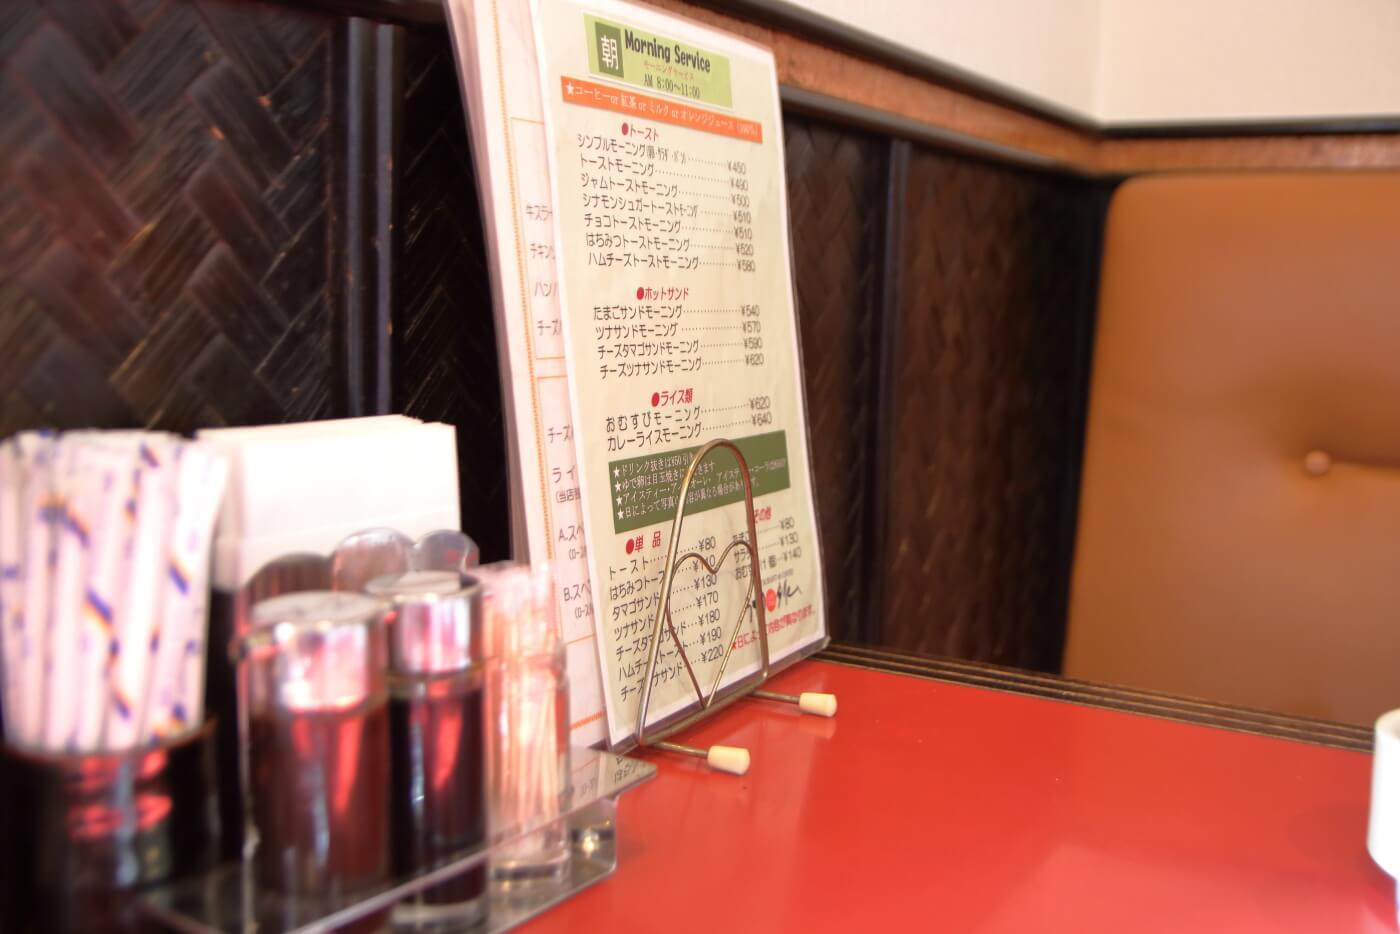 高知市のレストラン ライフタイム 内観